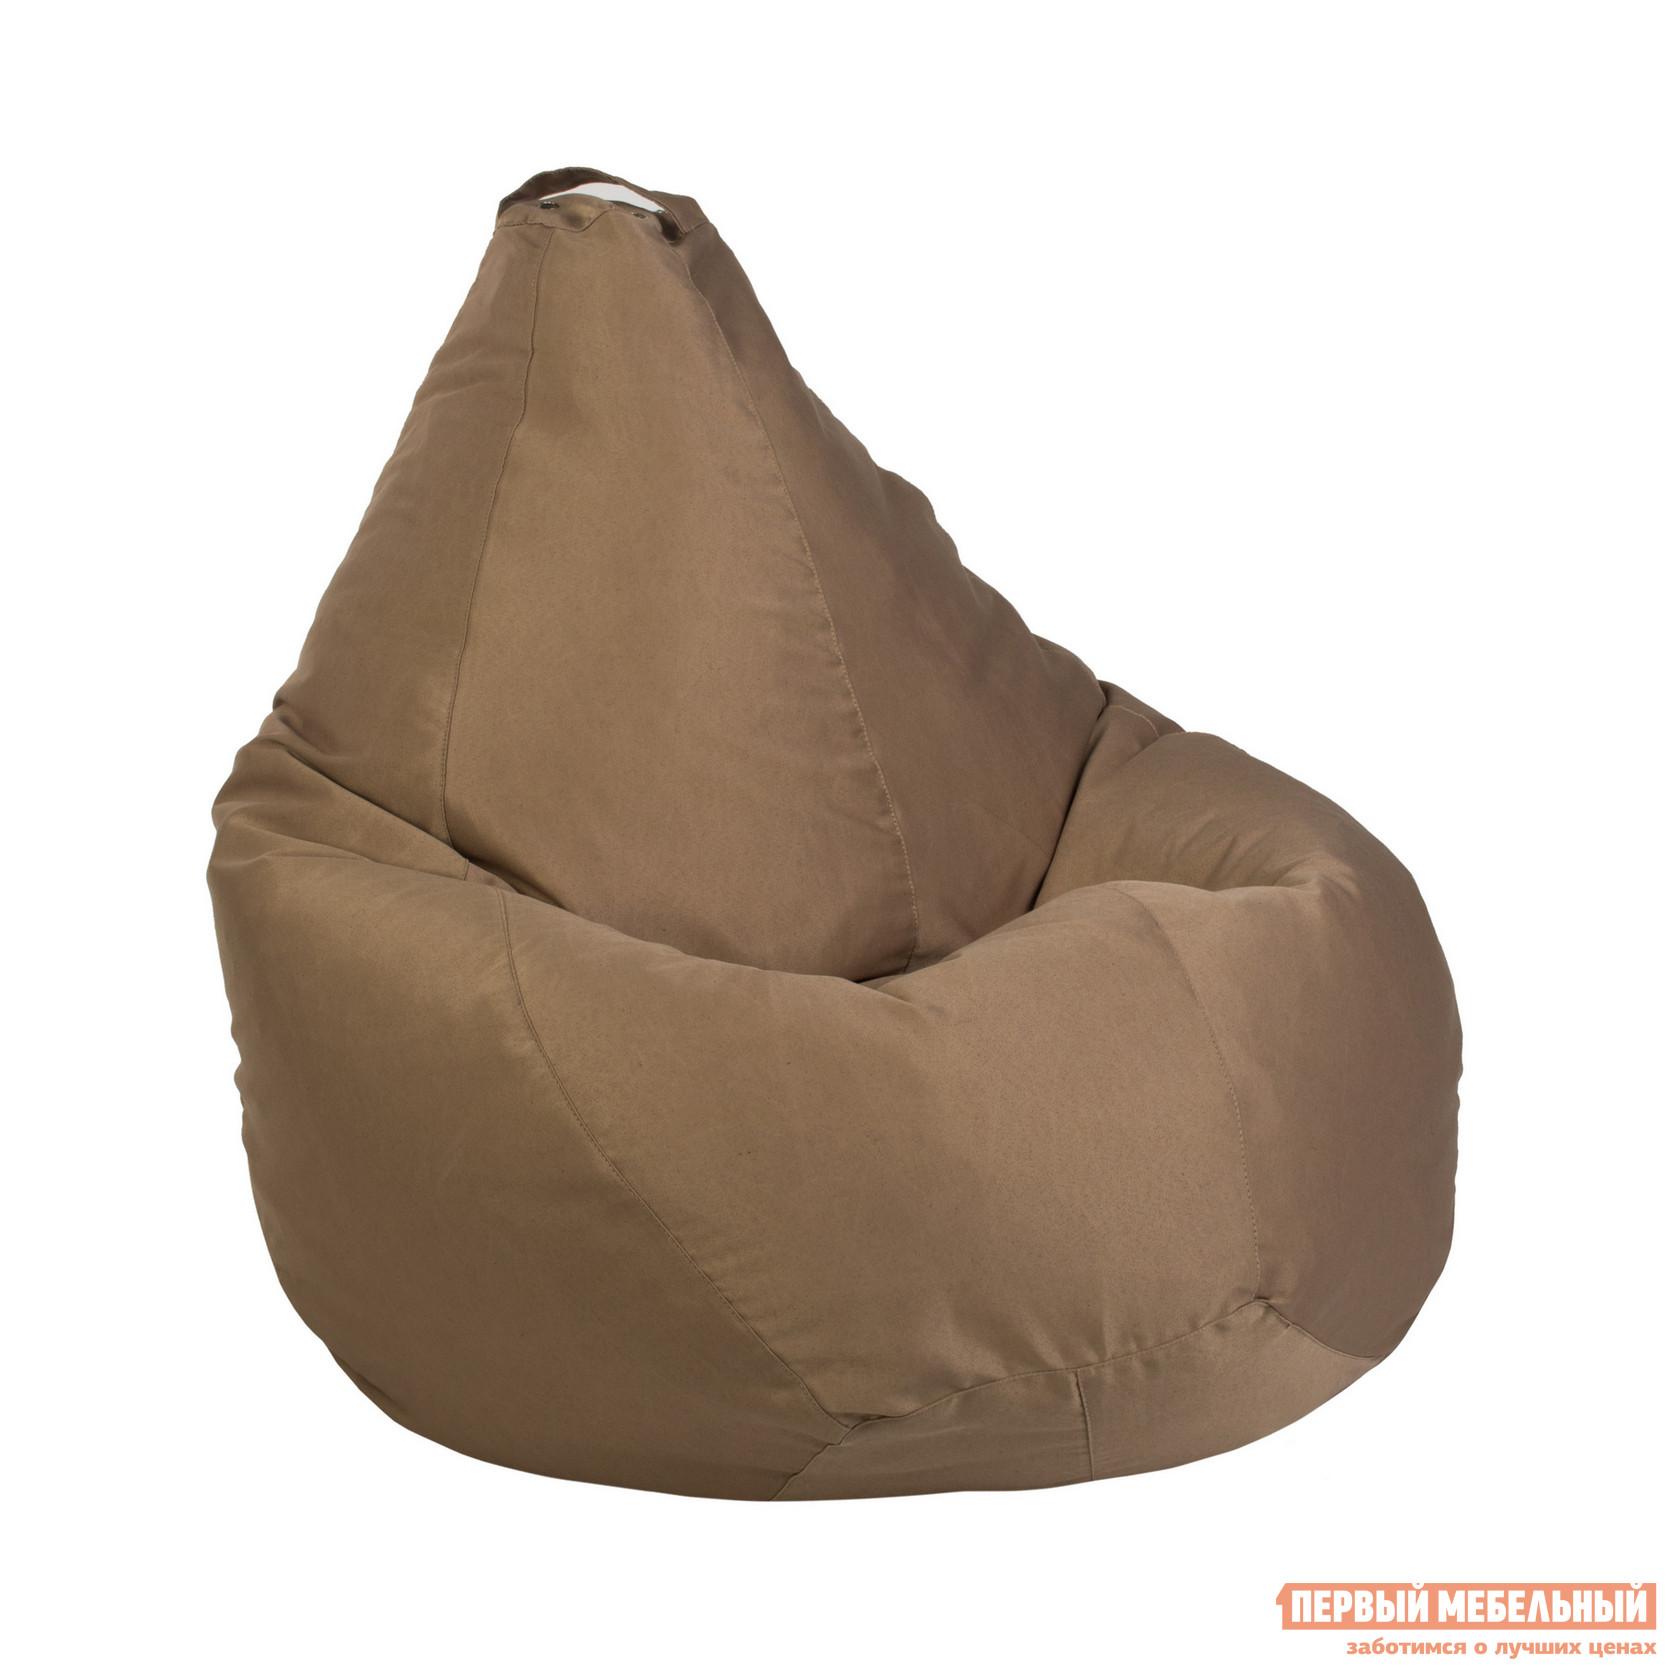 Кресло-мешок DreamBag Кресло Мешок Фьюжн 2XL